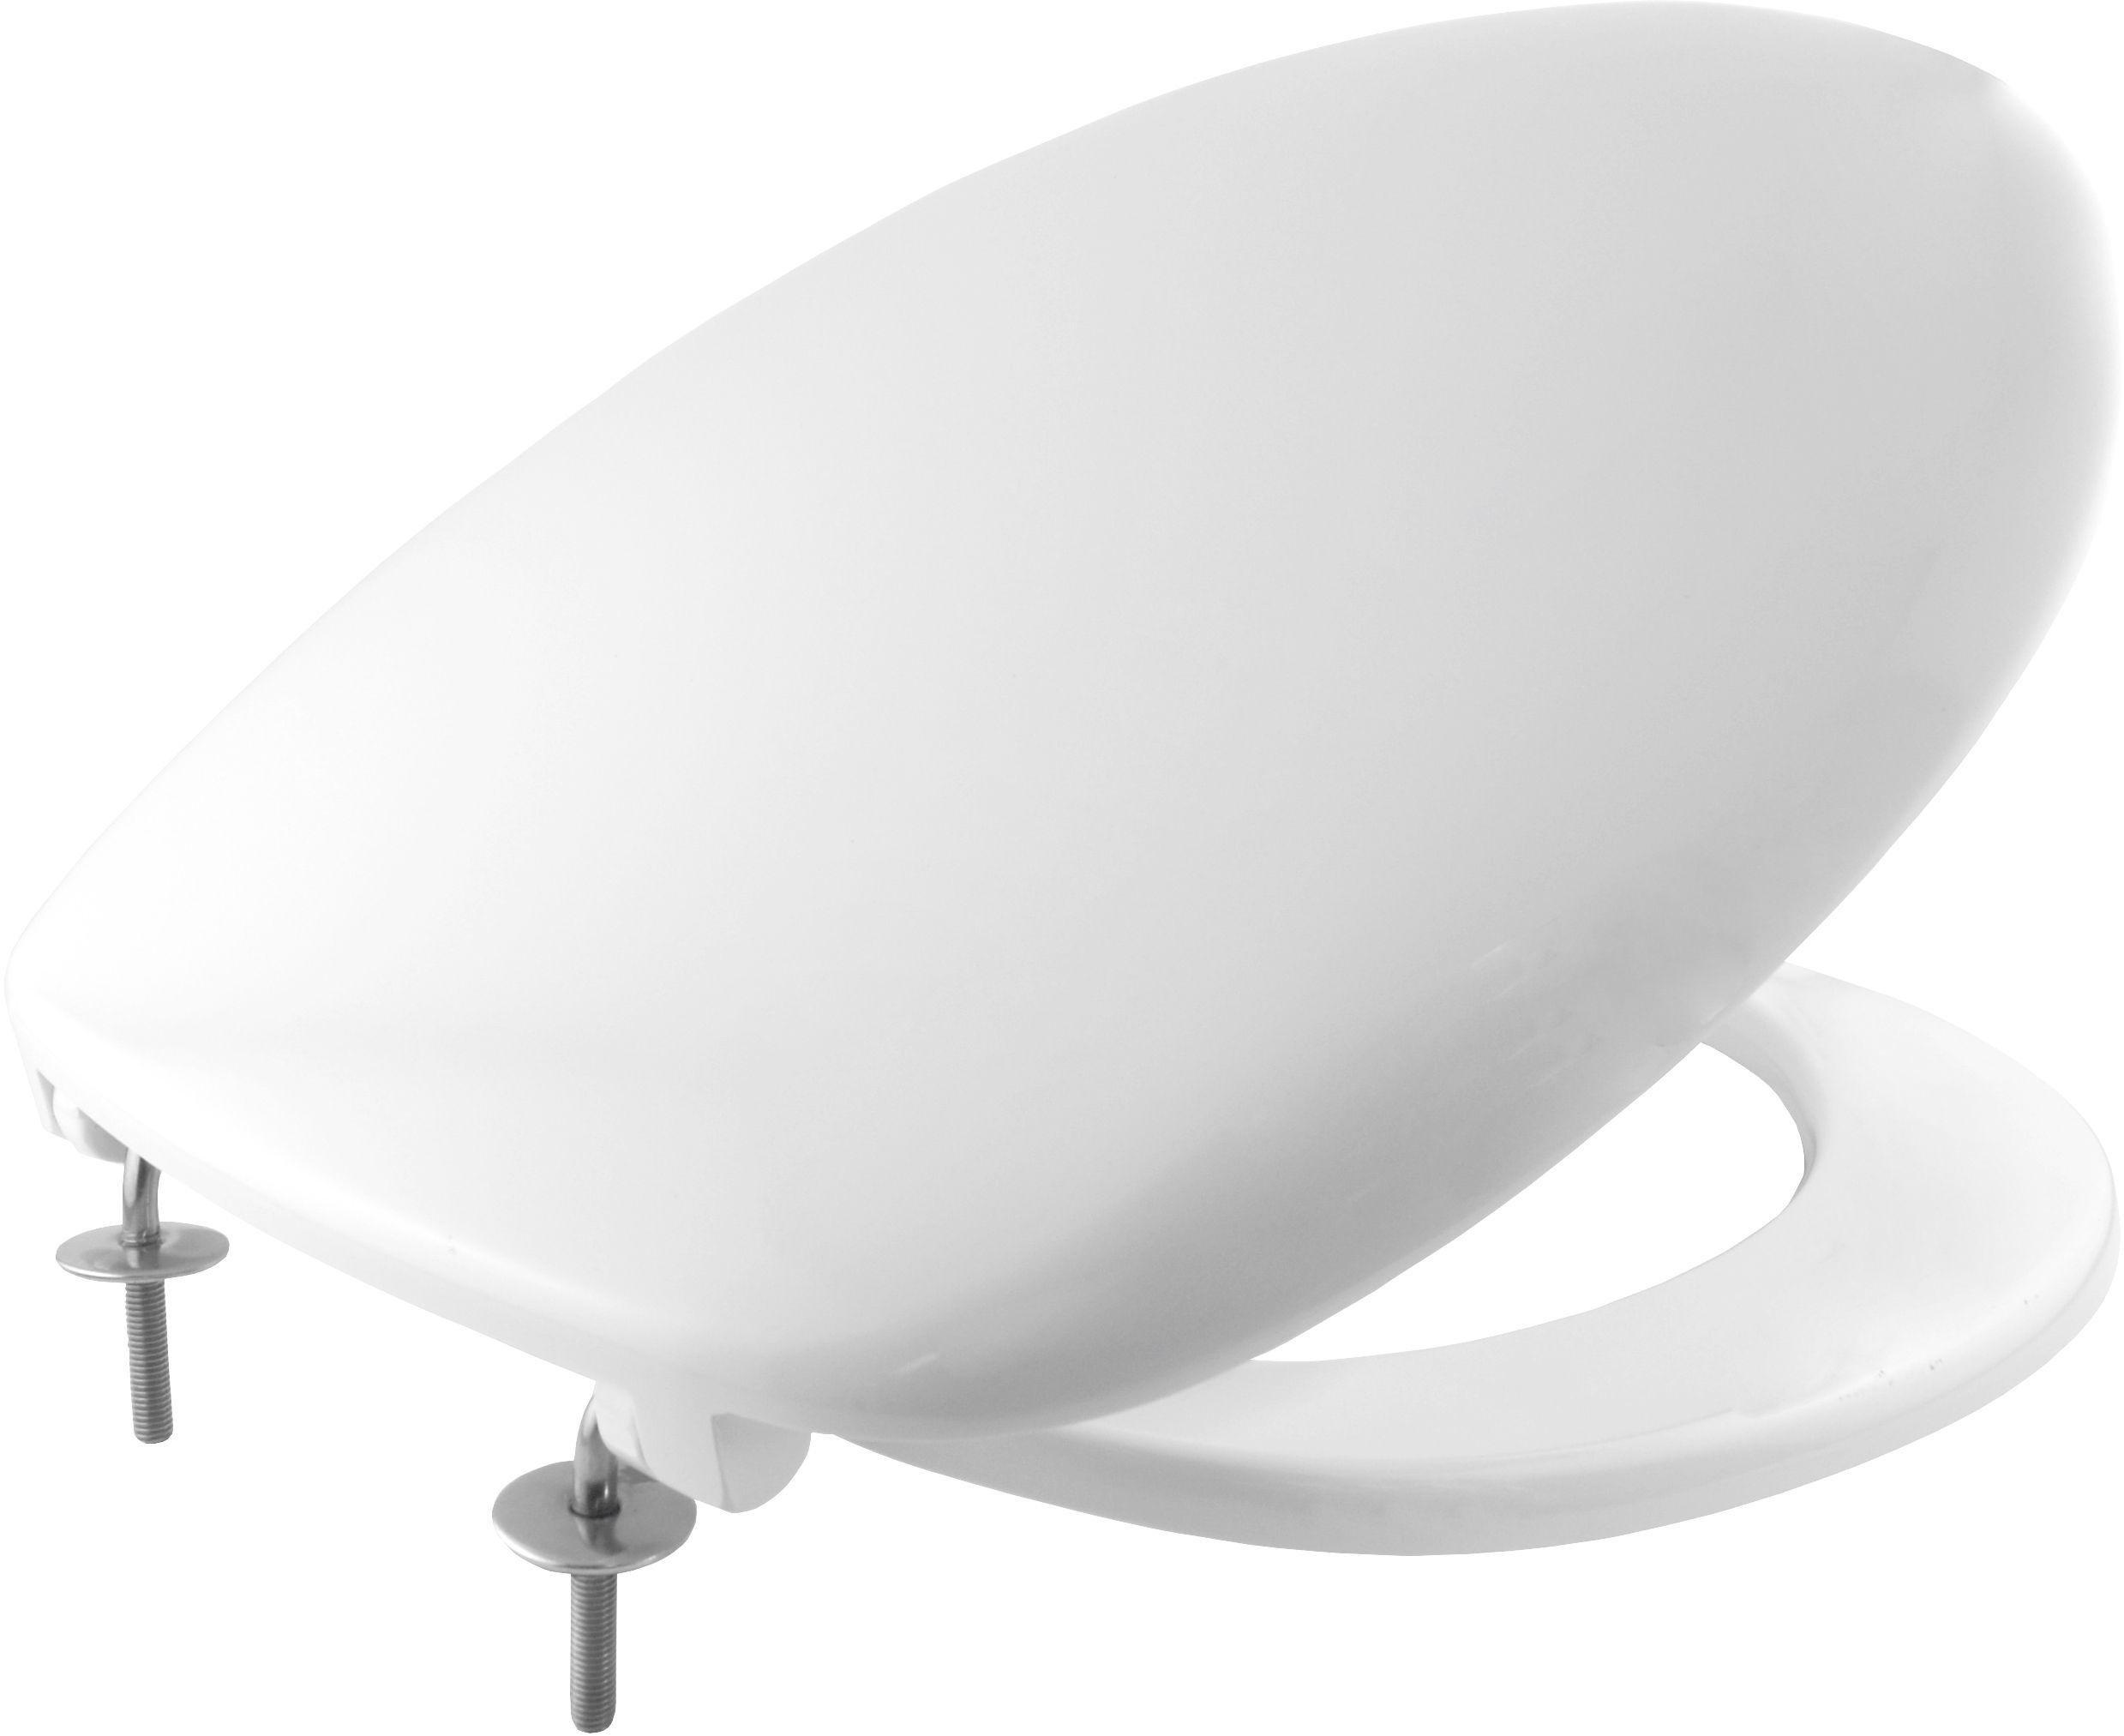 Bemis Imola Thermoset Plastic Statite Toilet Seat - White